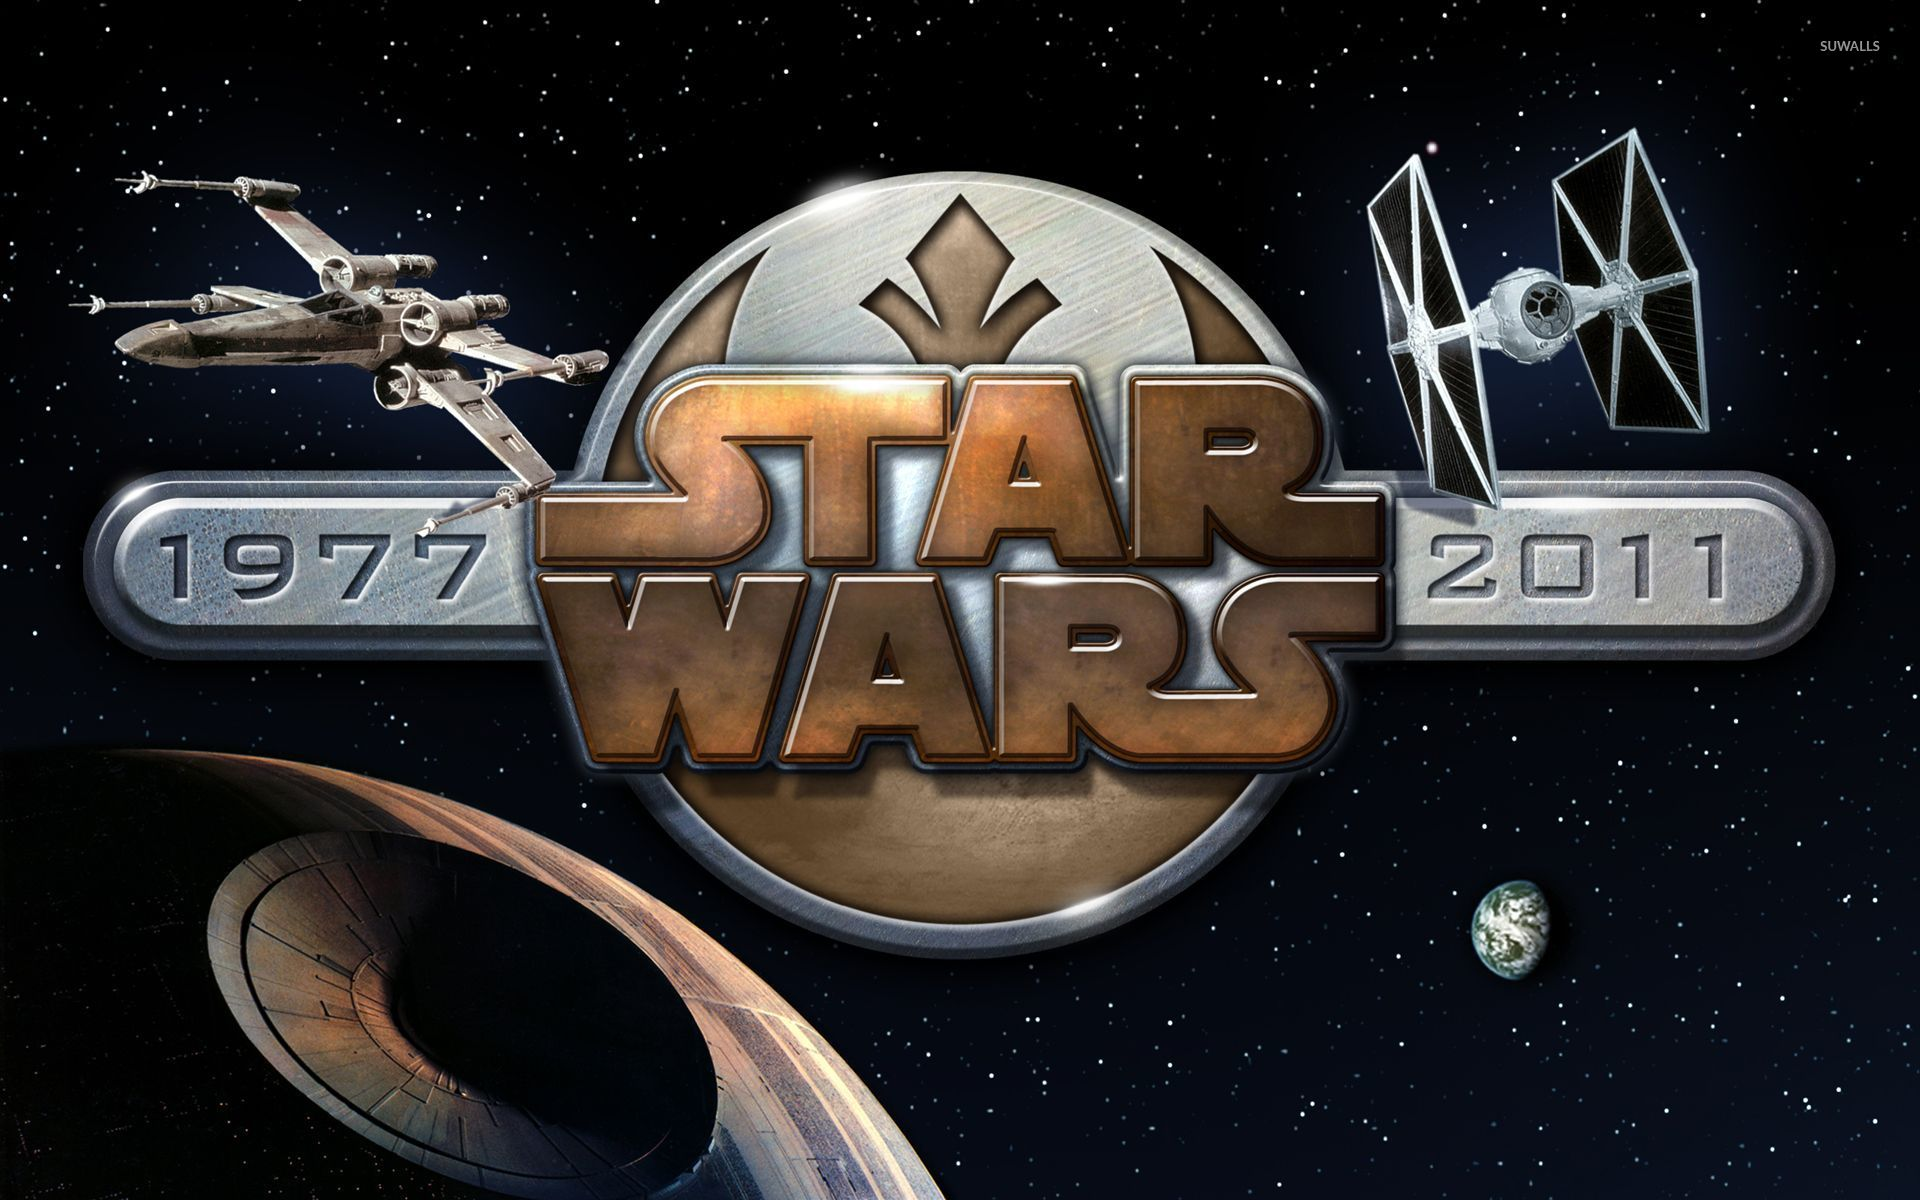 Star Wars Metallic Logo Wallpaper Movie Wallpapers 49702